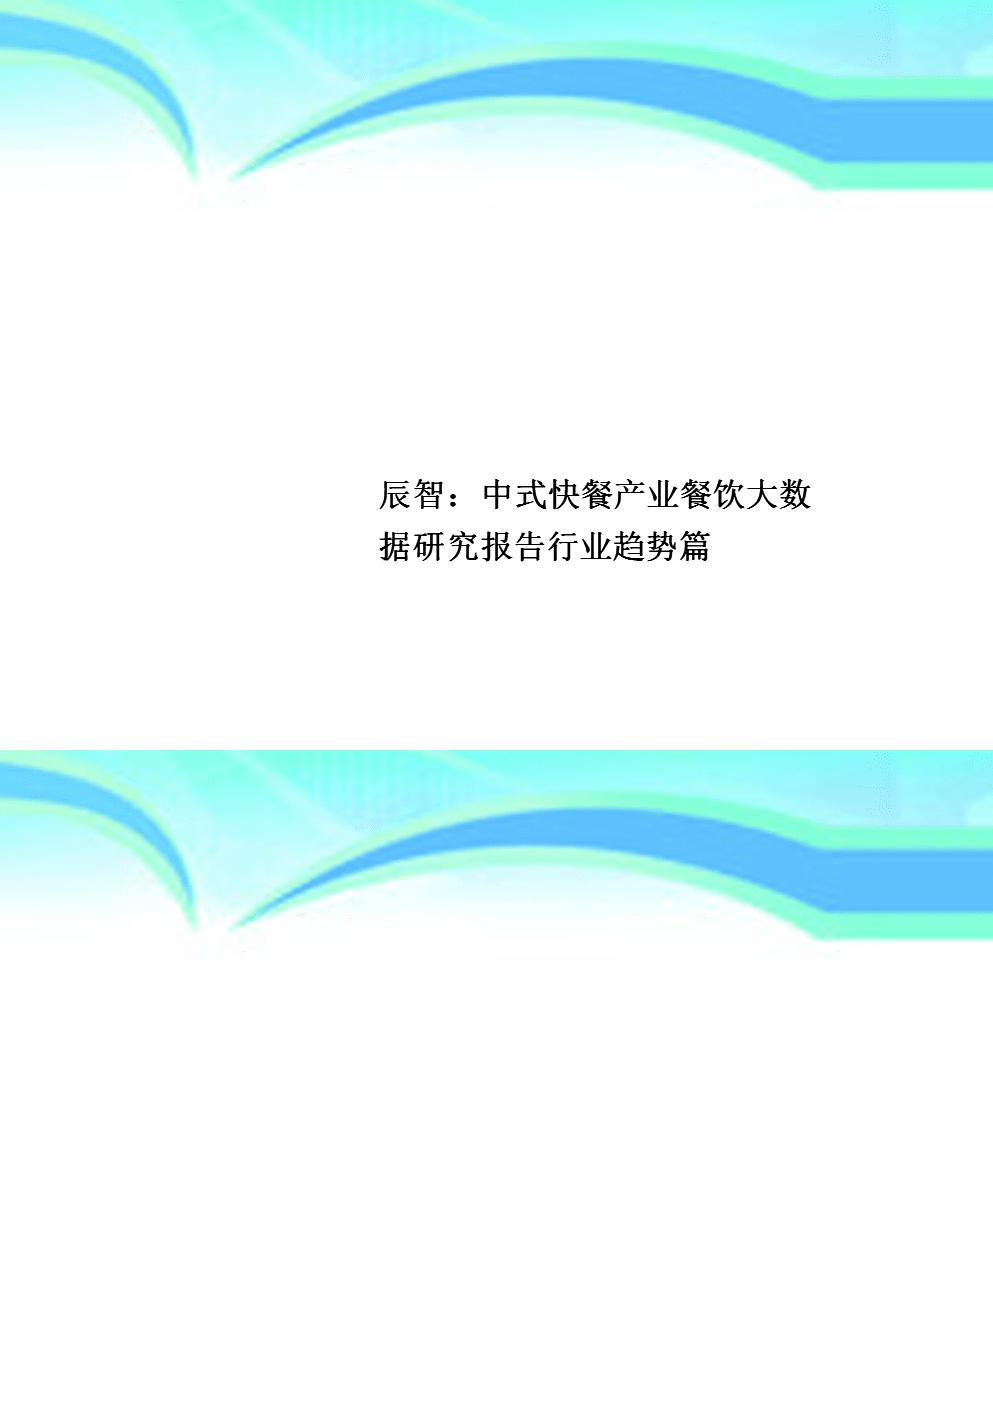 辰智:中式快餐产业餐饮大数据研究报告行业趋势篇.docx